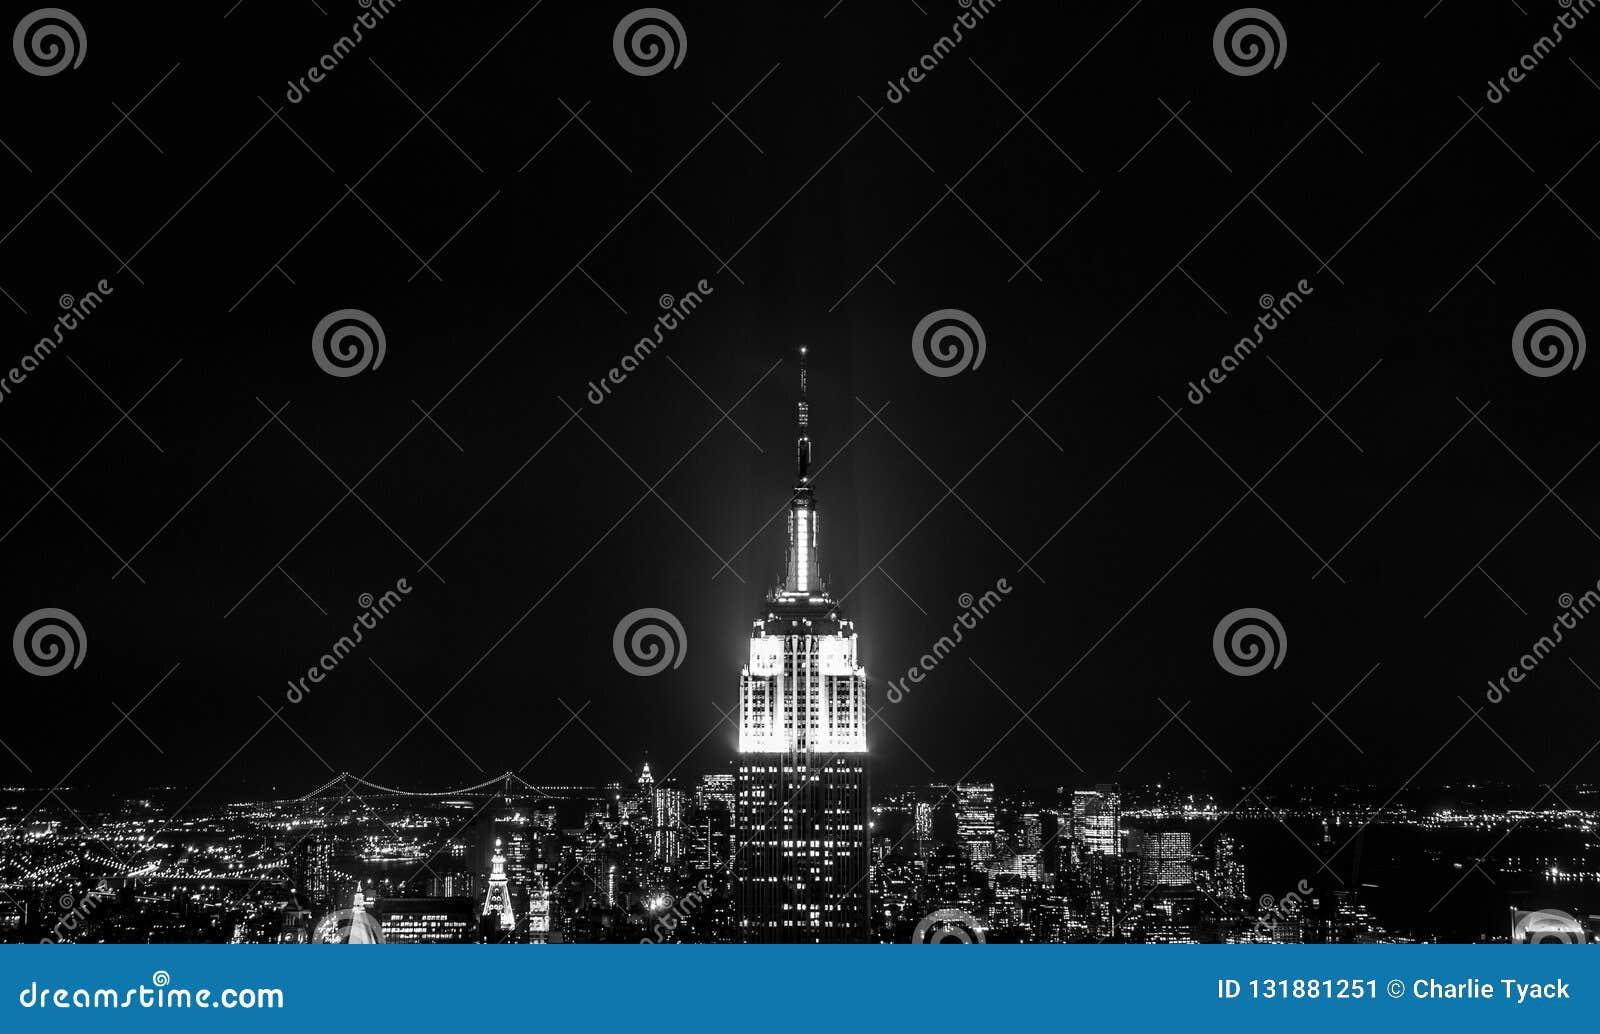 Заход солнца от вершины утеса - башенка Эмпайр-стейт-билдинг ярко освещенная в центре рамки - в черно-белом